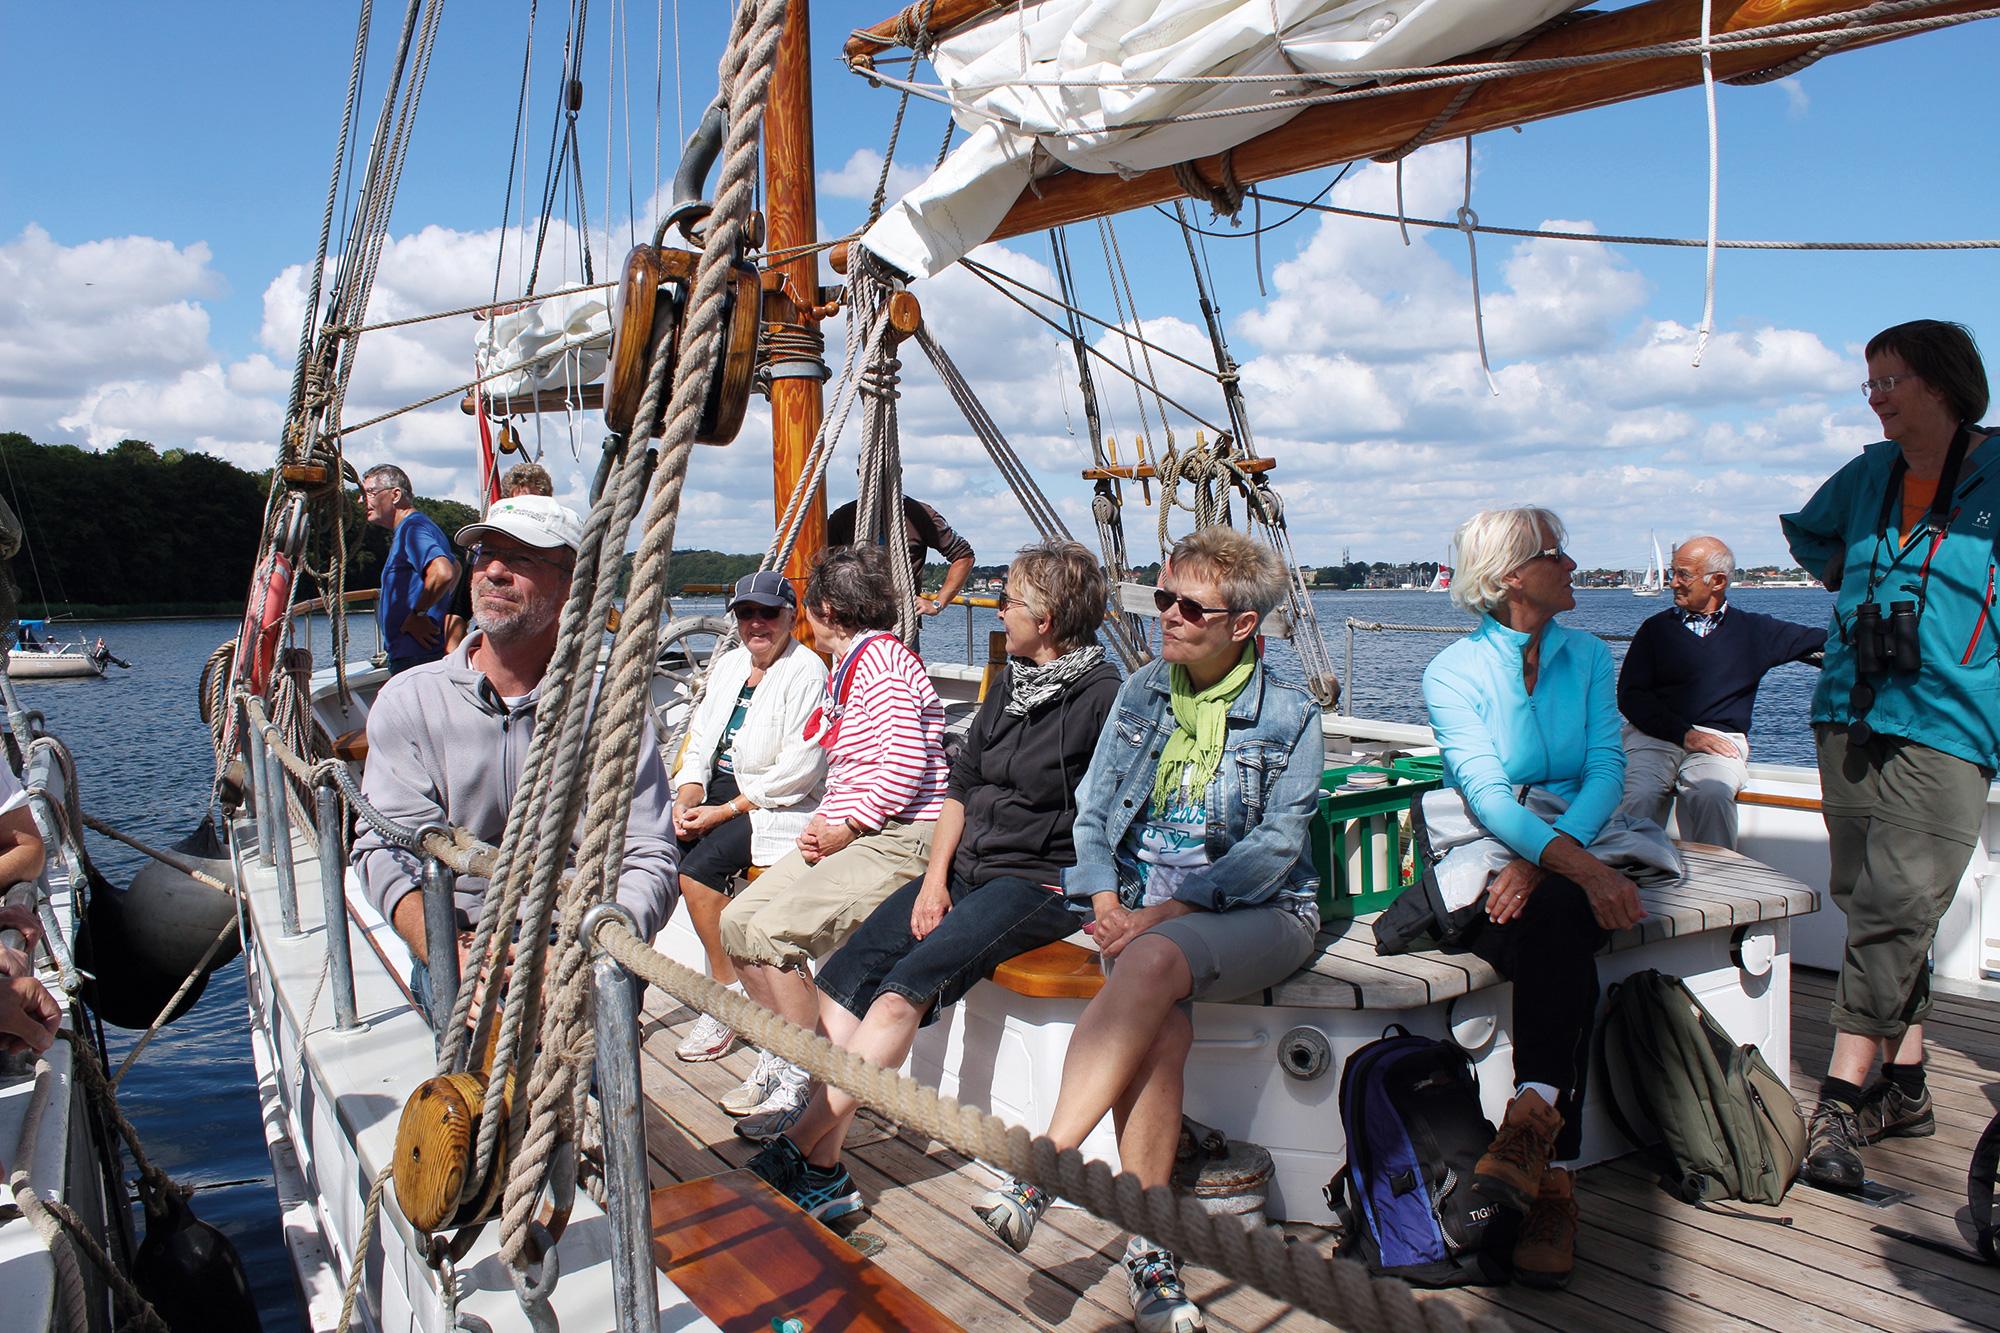 Turen rummer også en sejltur på Lillebælt på et træsejlskib.